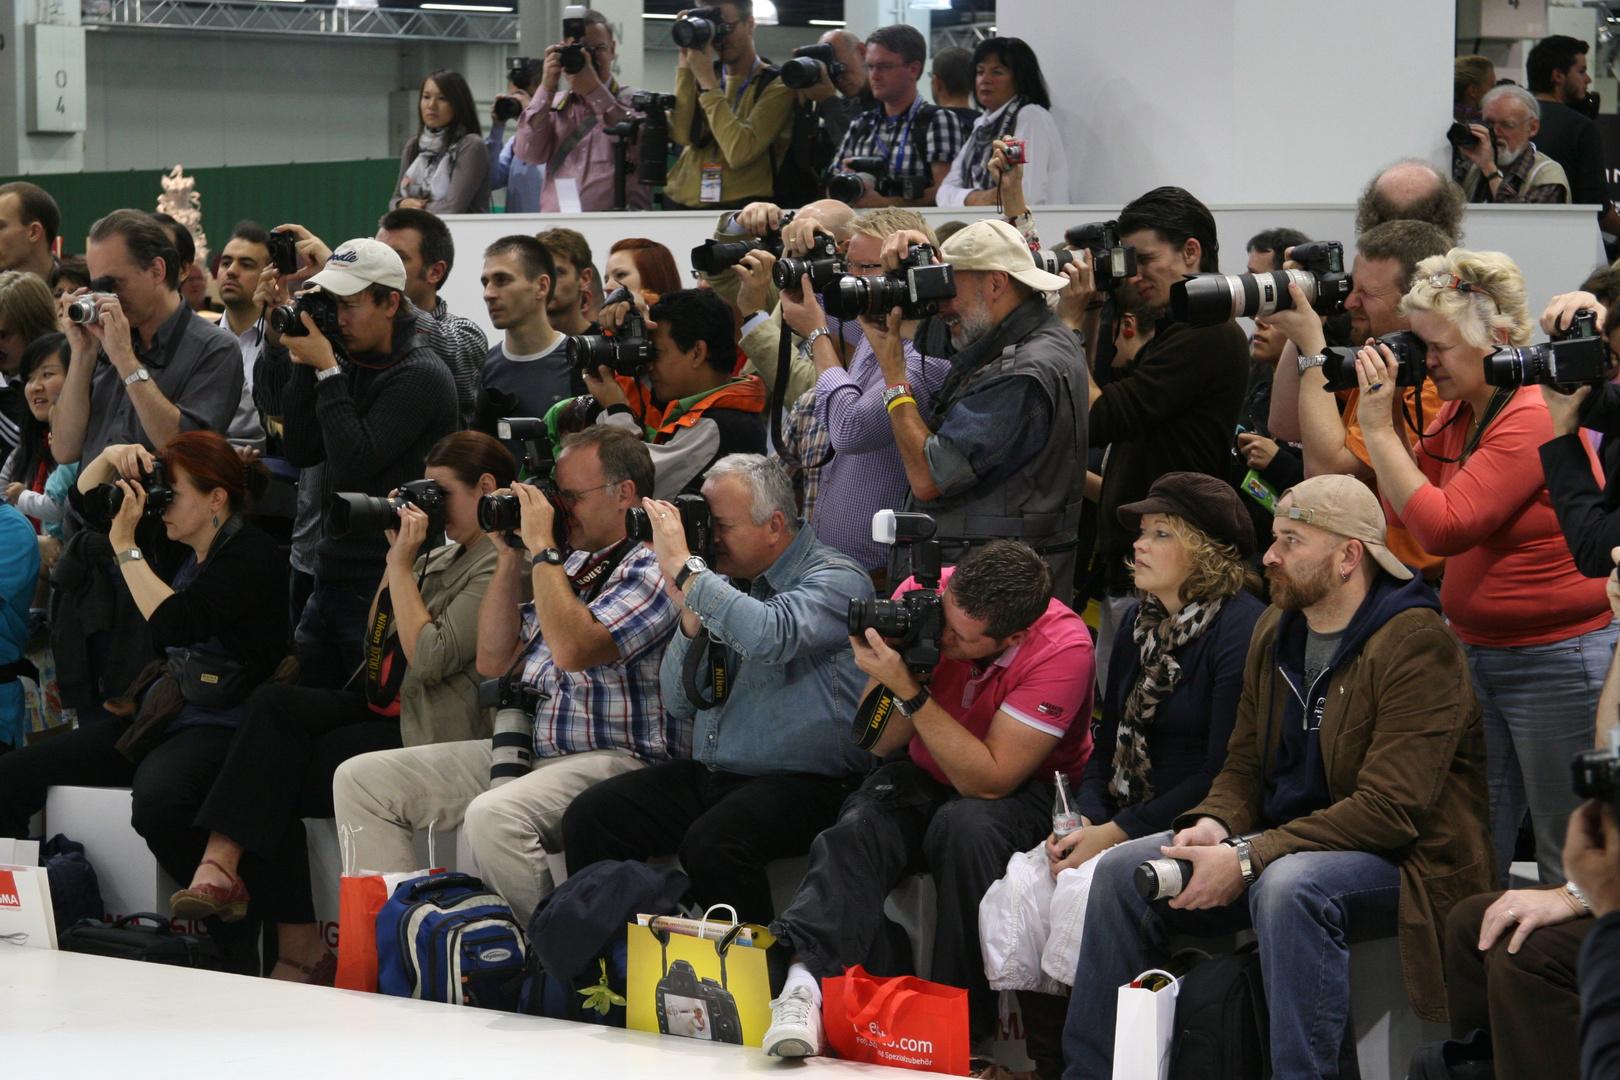 Ja wo Fotographieren Sie denn?